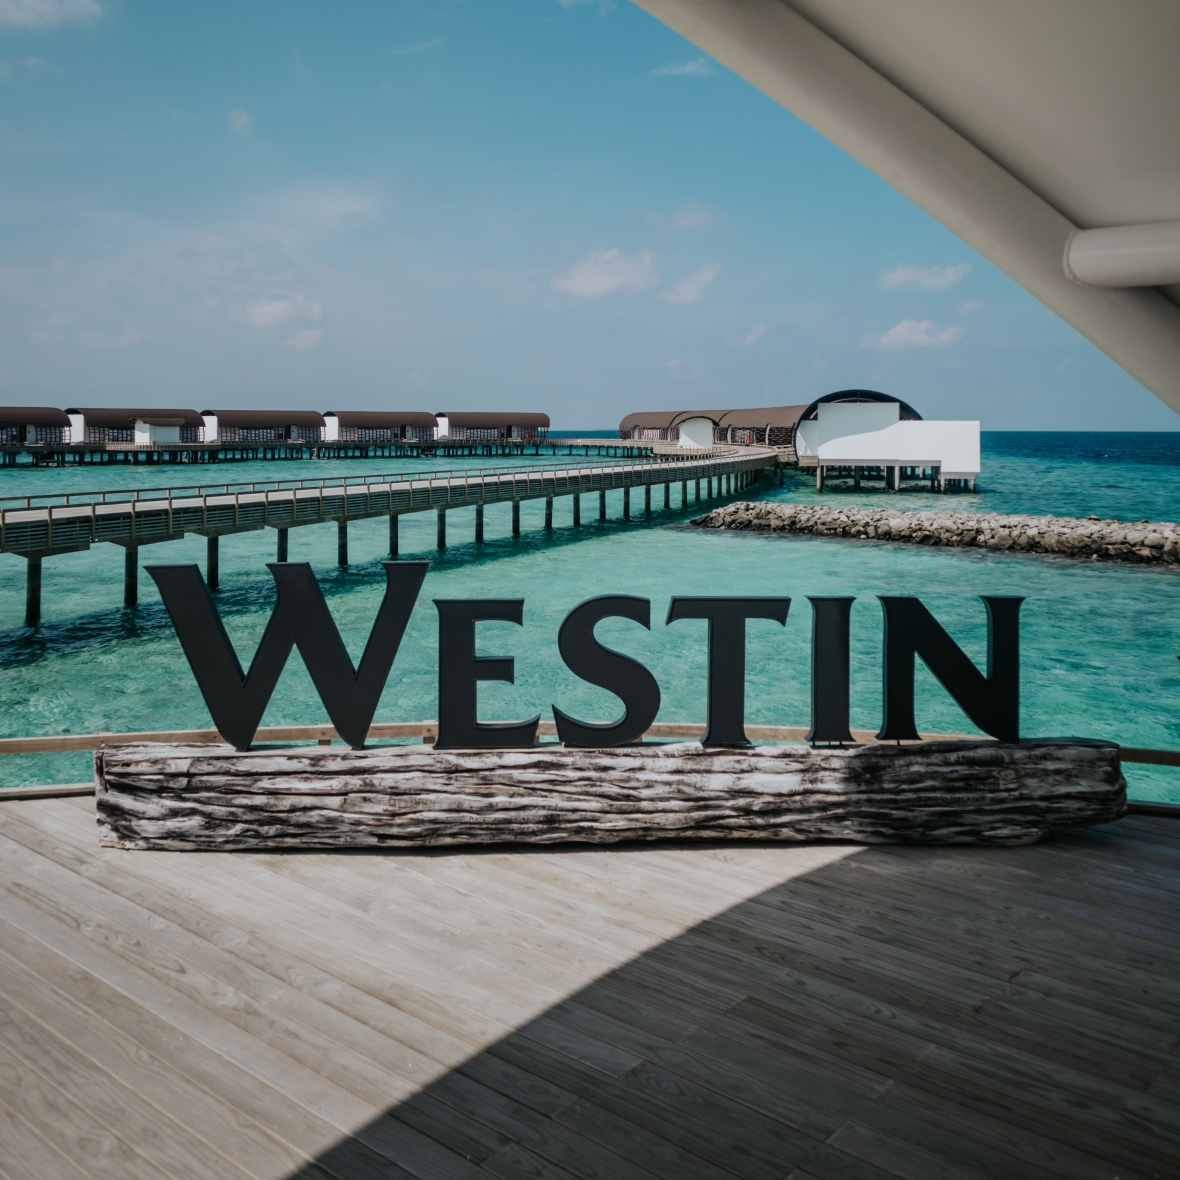 Westin Maldives Merel van Poorten